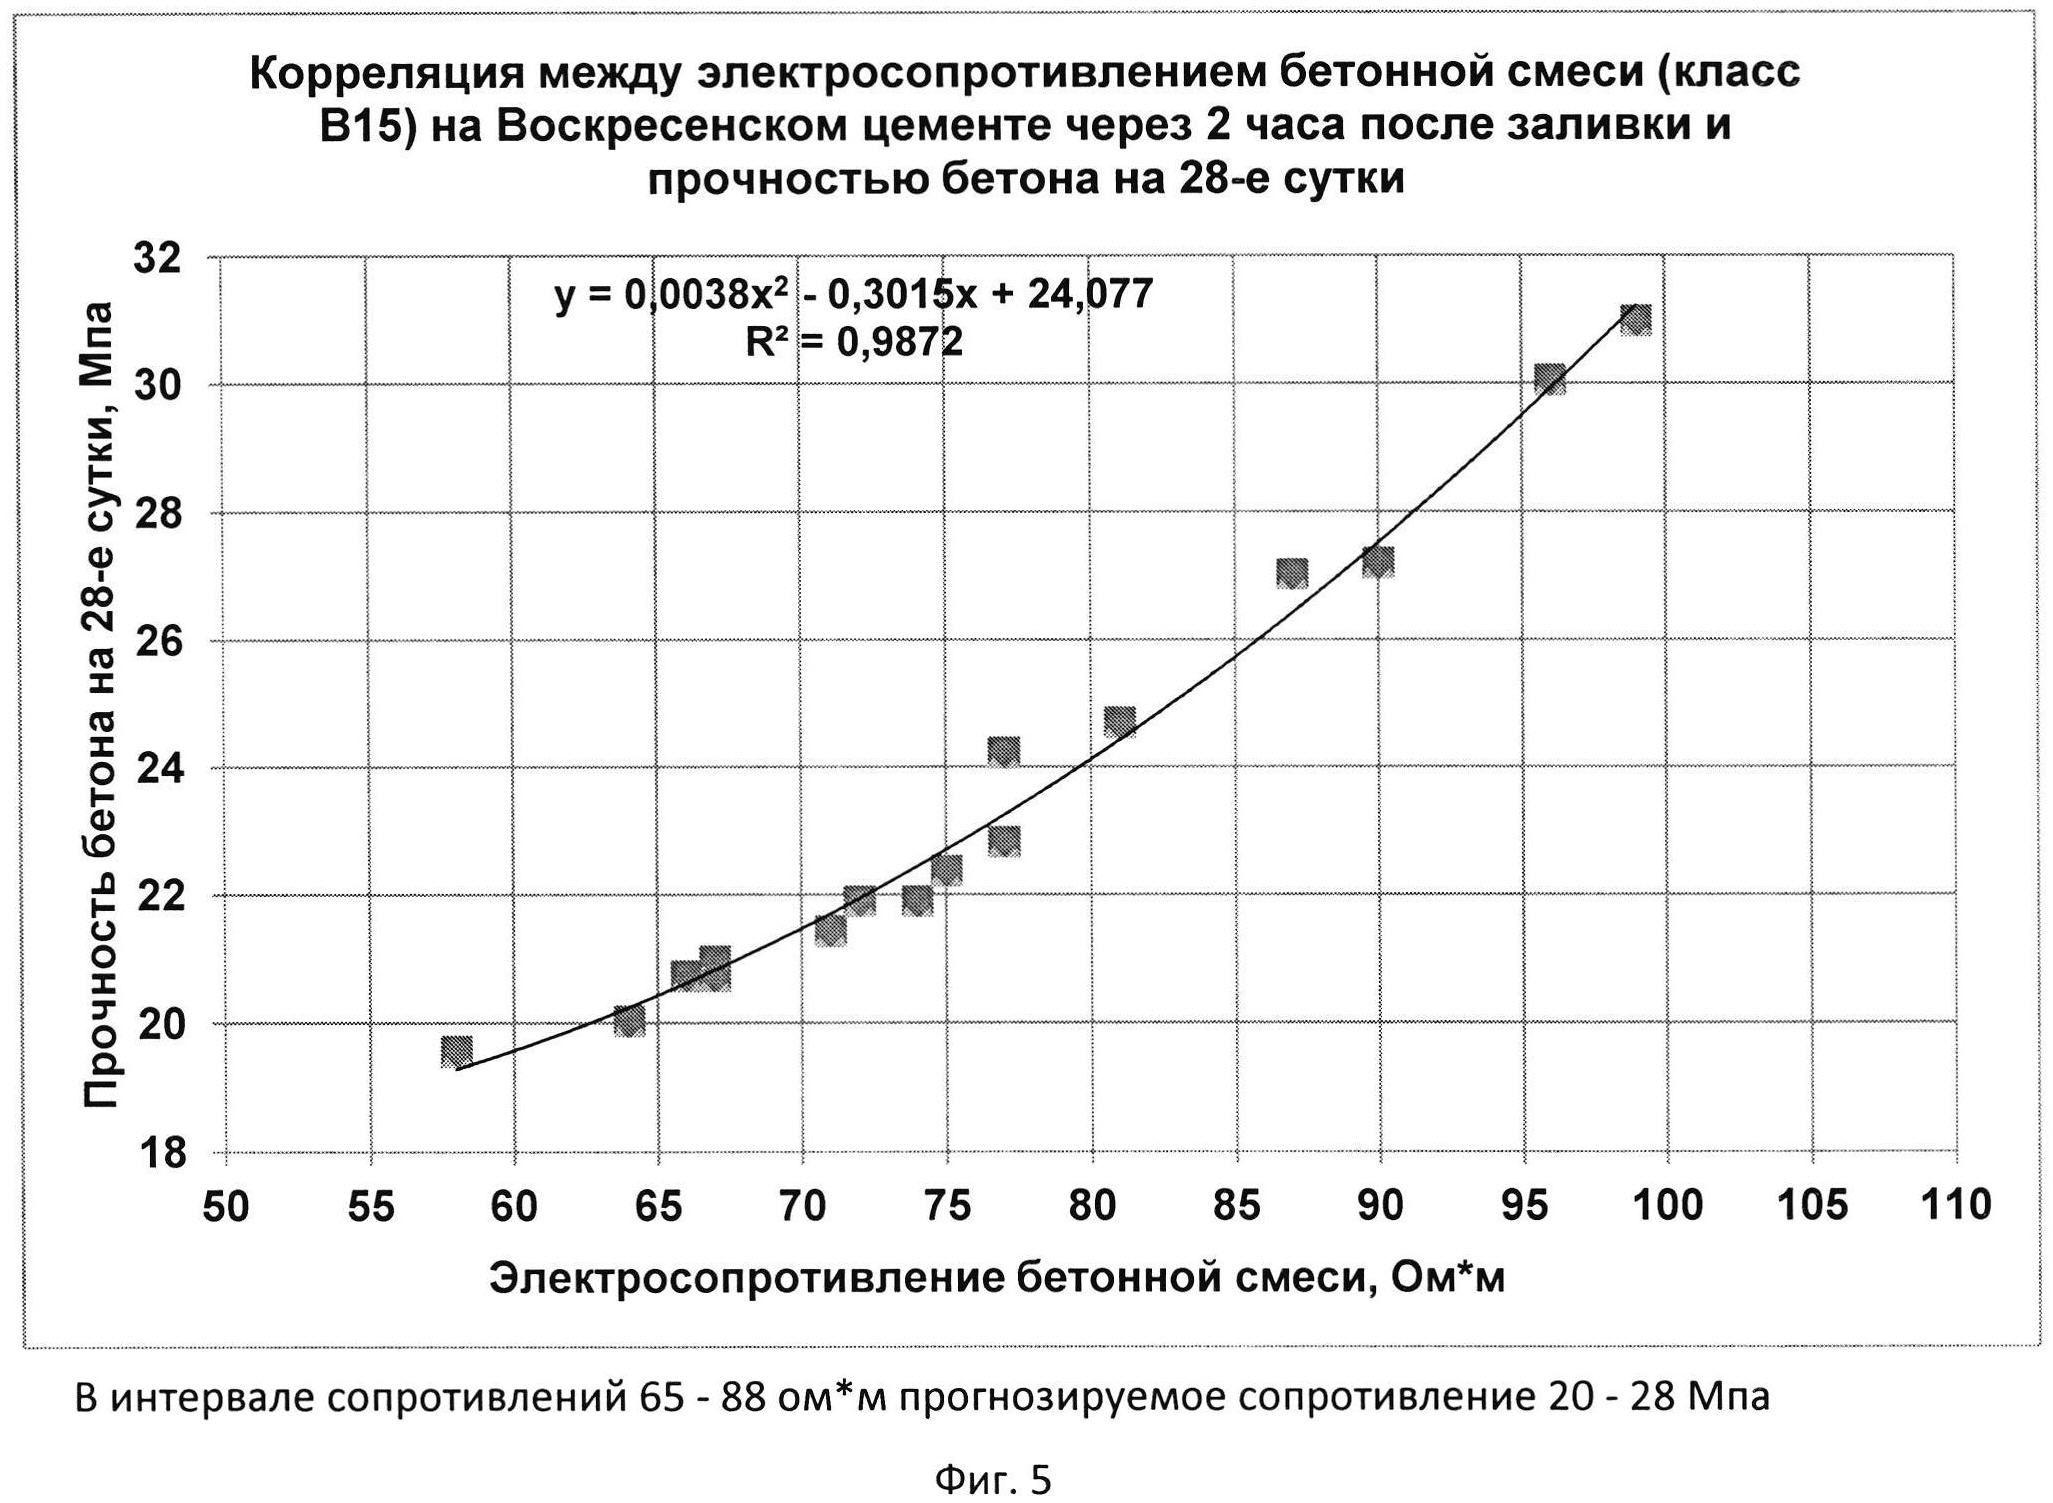 Контролируемые параметры бетонной смеси ручной инъекционный насос для цементного раствора